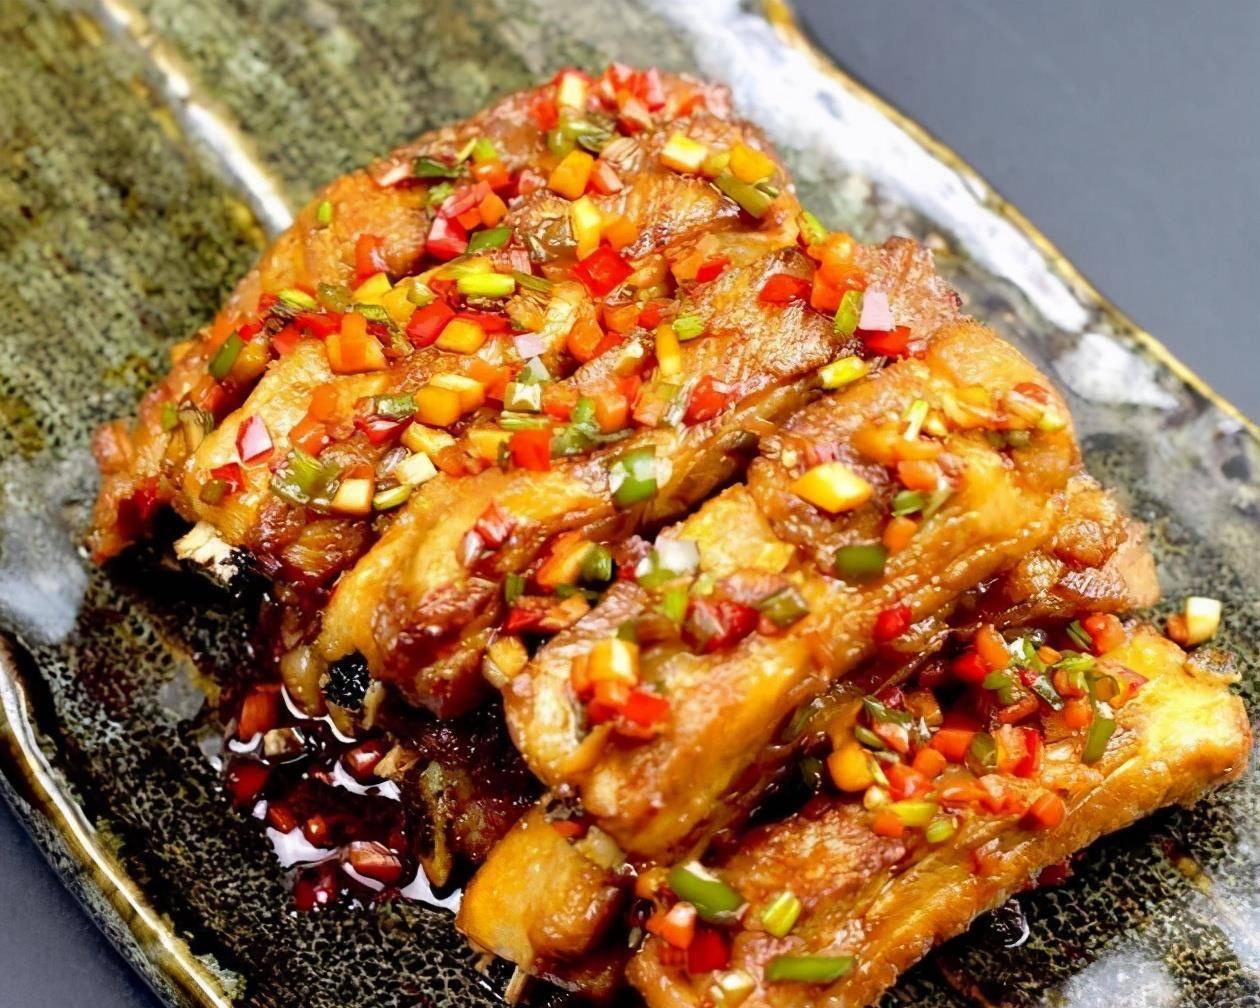 青山学味道超级诱人的家常菜,下酒下饭又解馋!  8道好吃的下酒小菜